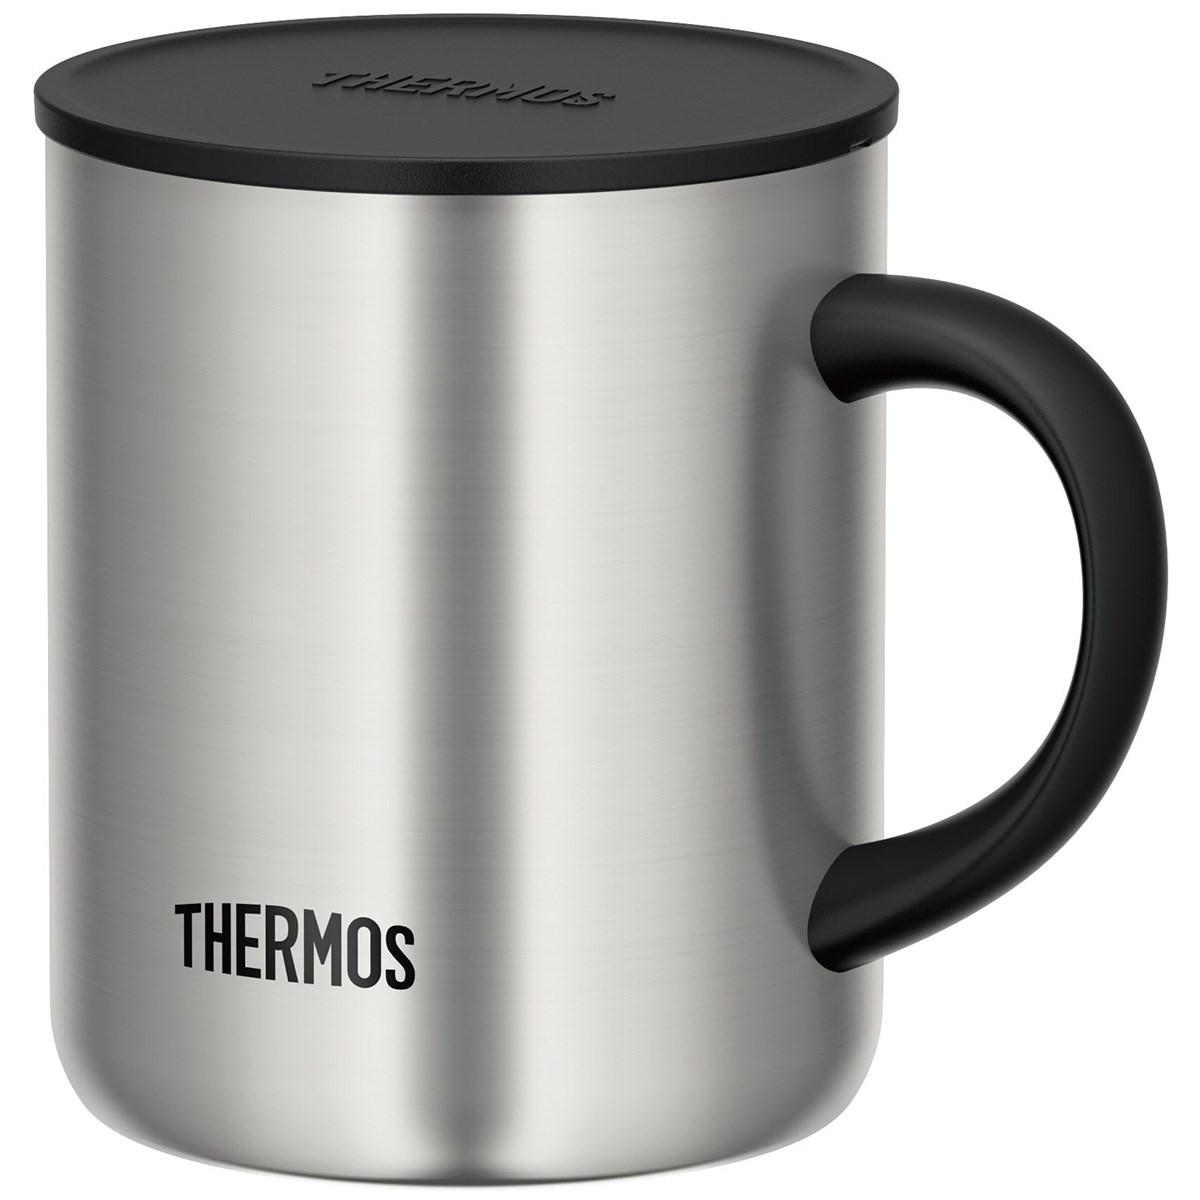 サーモス THERMOS 真空断熱カップ 0.35L ステンレス